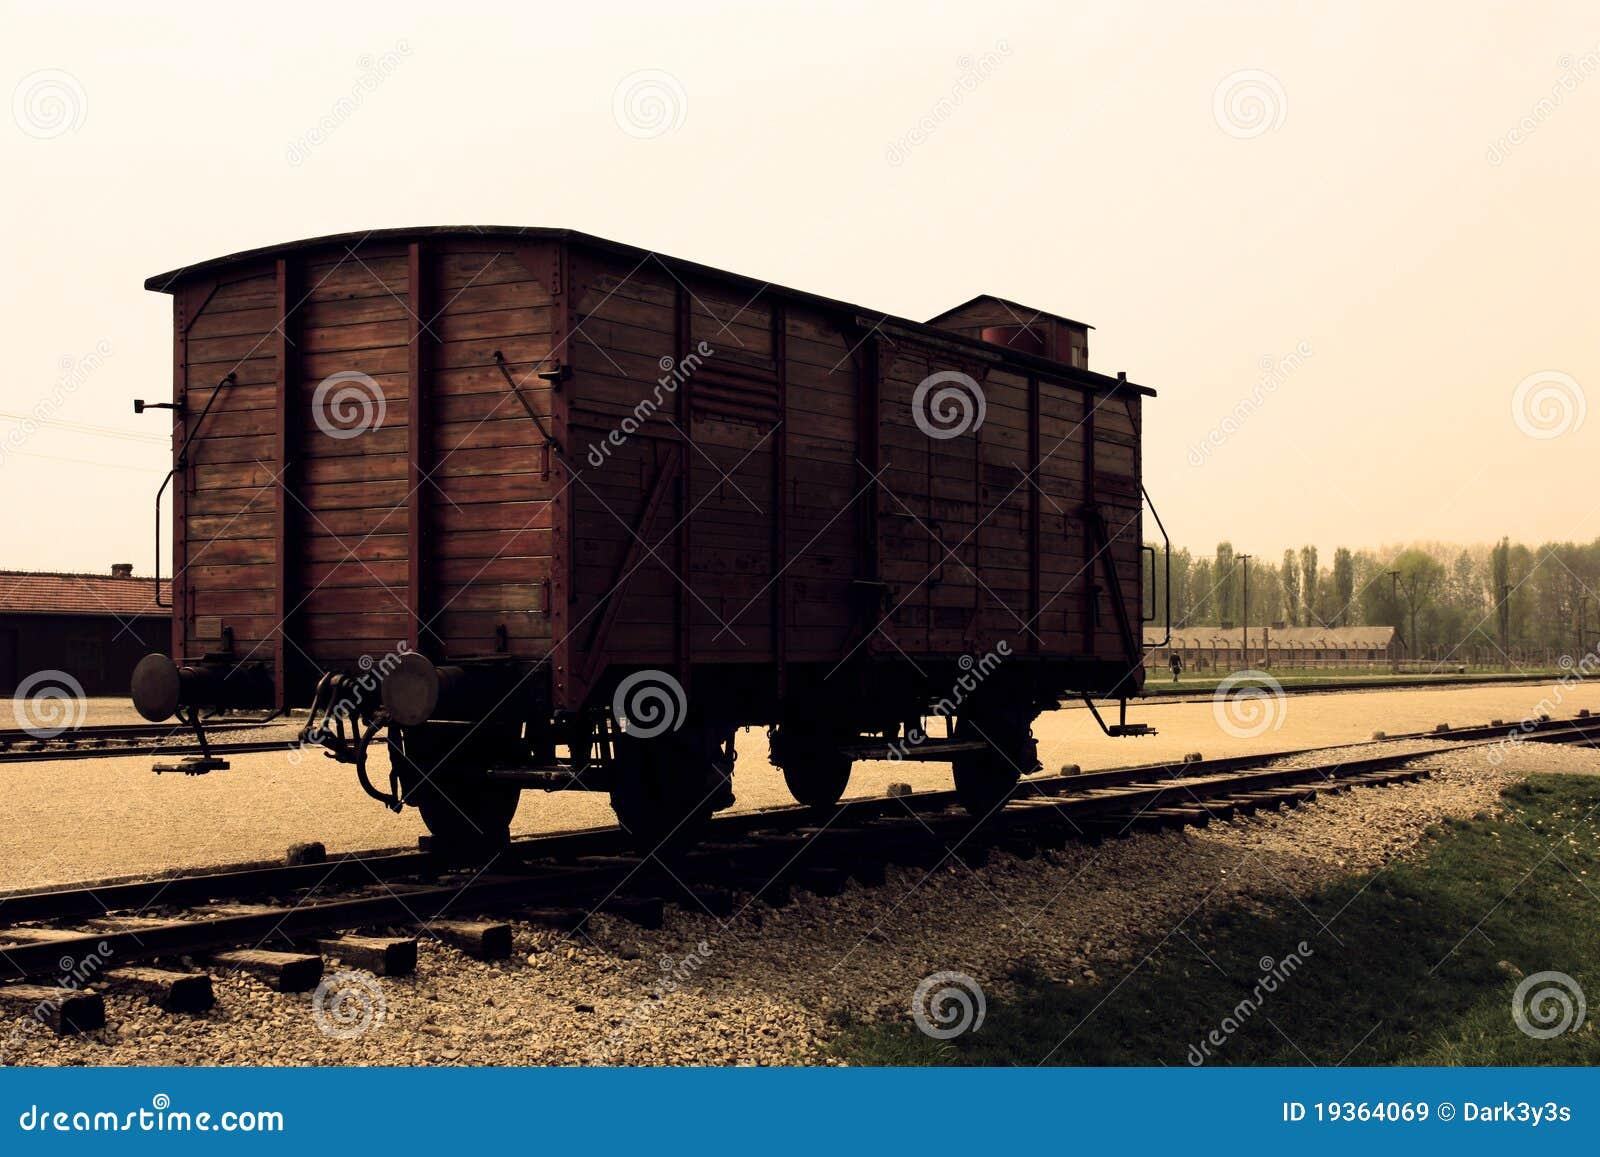 Foto gratis: Tren, Estacin De Tren - Imagen gratis en